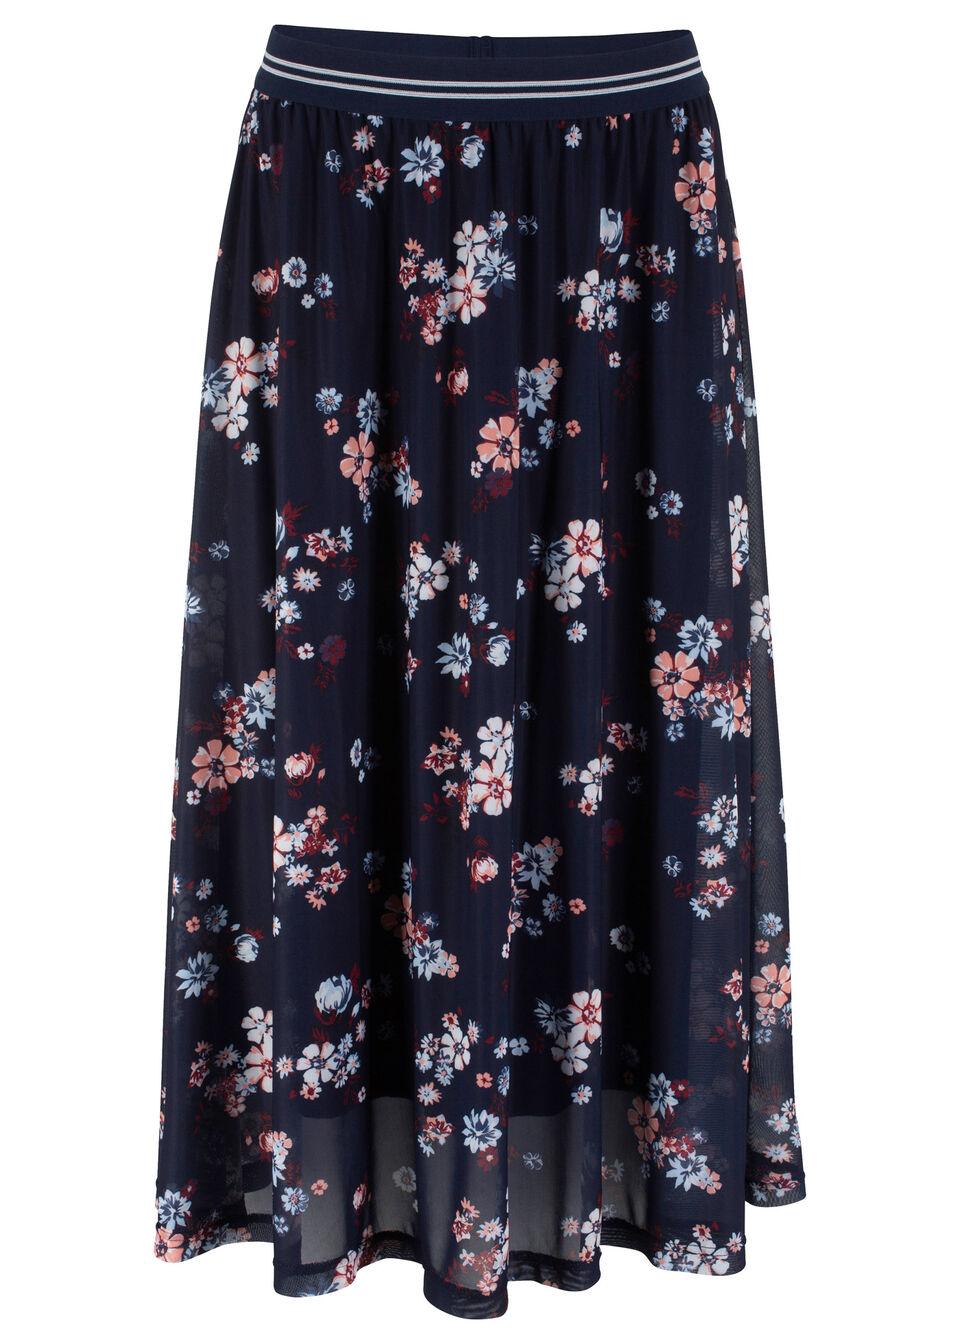 Spódnica siatkowa z elastycznym paskiem bonprix ciemnoniebieski w kwiaty